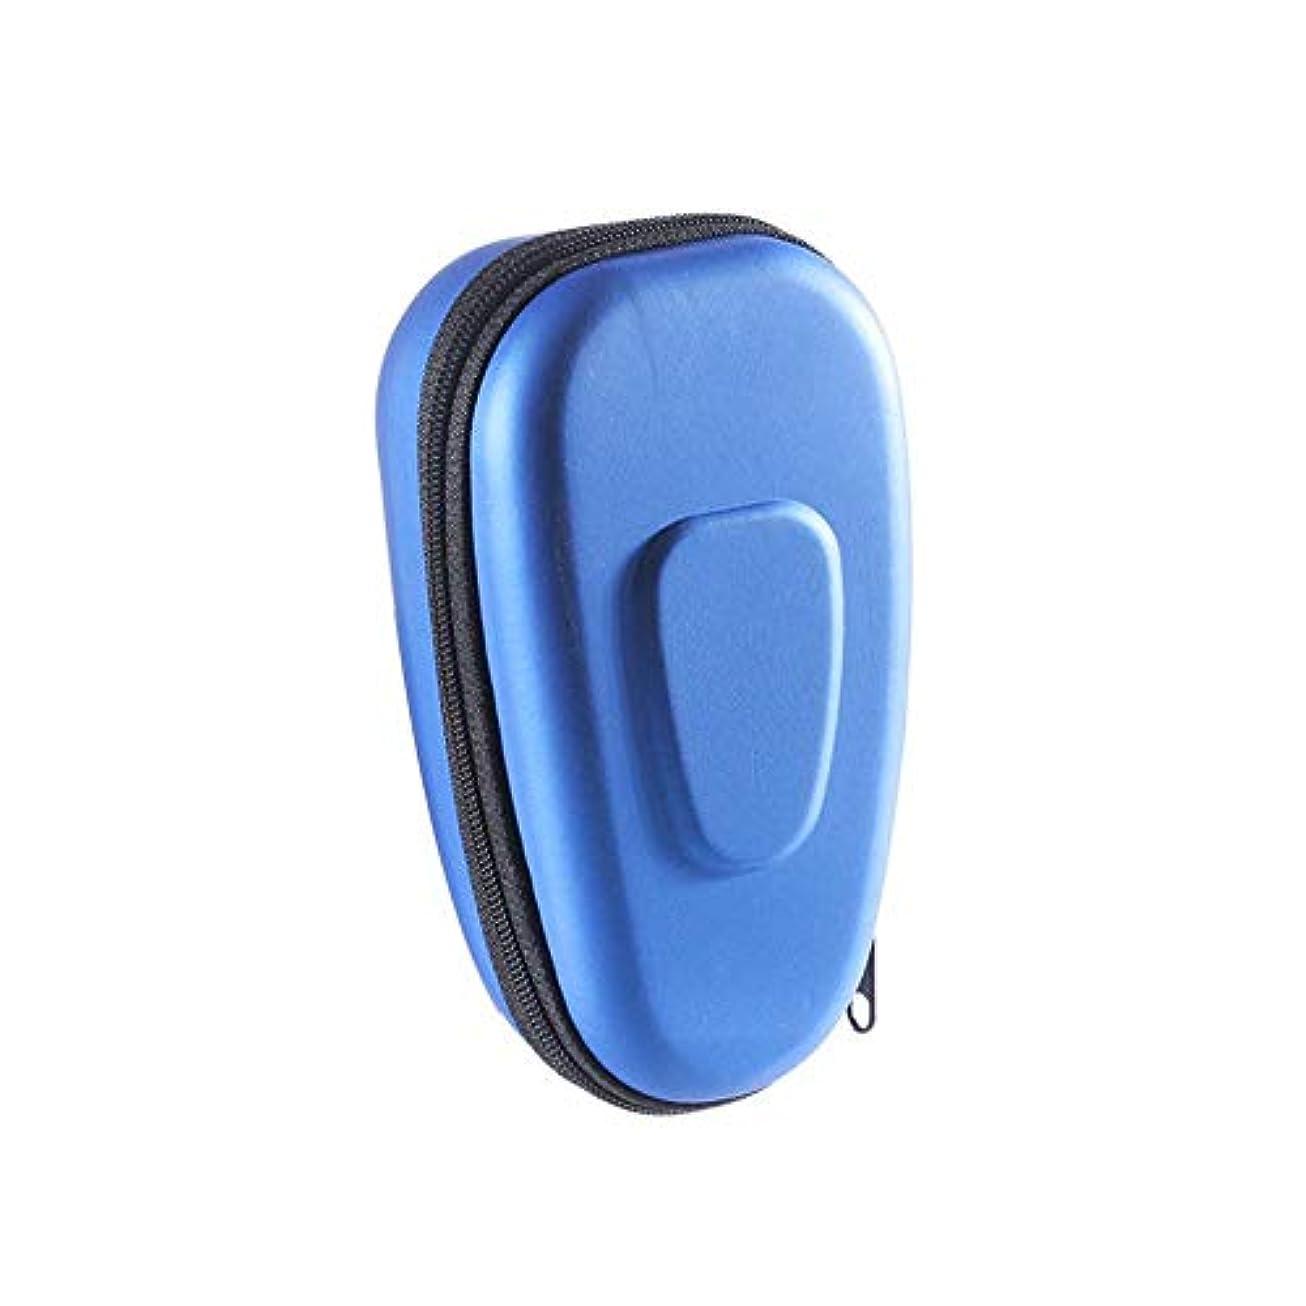 インキュバス篭道徳Ling(リンー) 電動メンズシェーバー収納バッグ 防塵 防水性 耐衝撃 収納ケース 軽量 持ち運び 電動メンズシェーバーアクセサリー PU+EVA 【双色選べ】